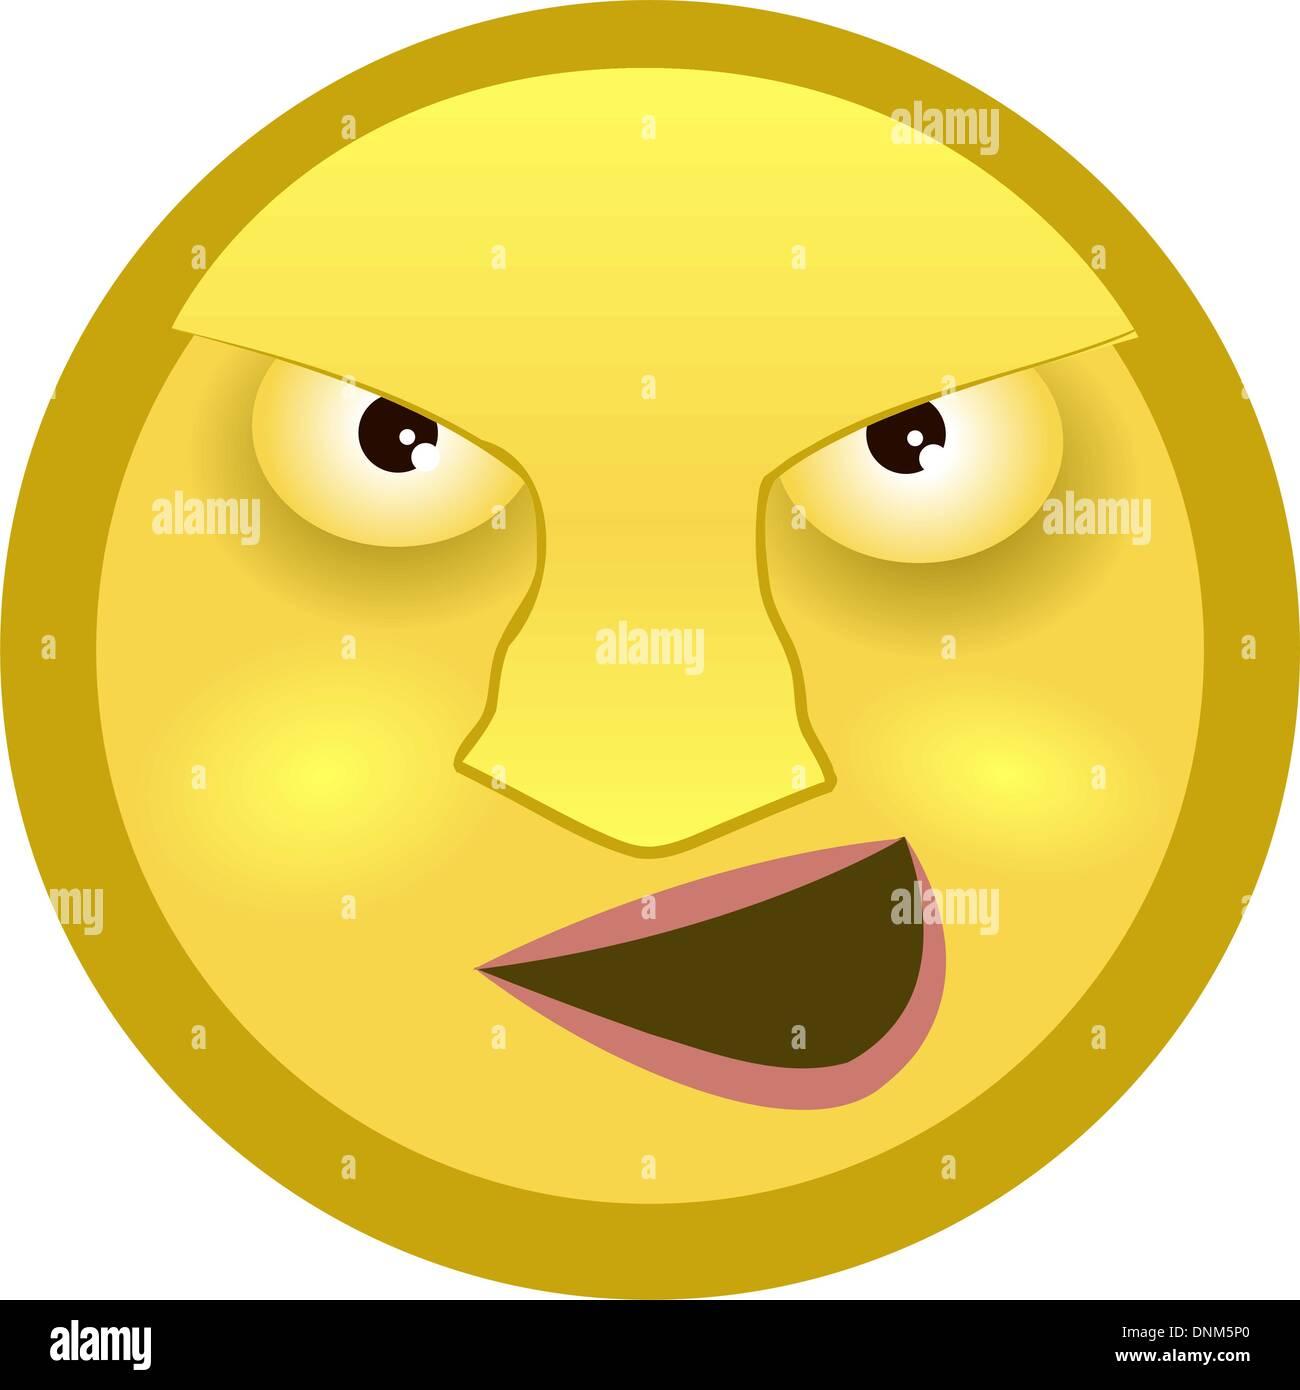 Un Emoticone Smiley Image Vectorielle Stock Alamy